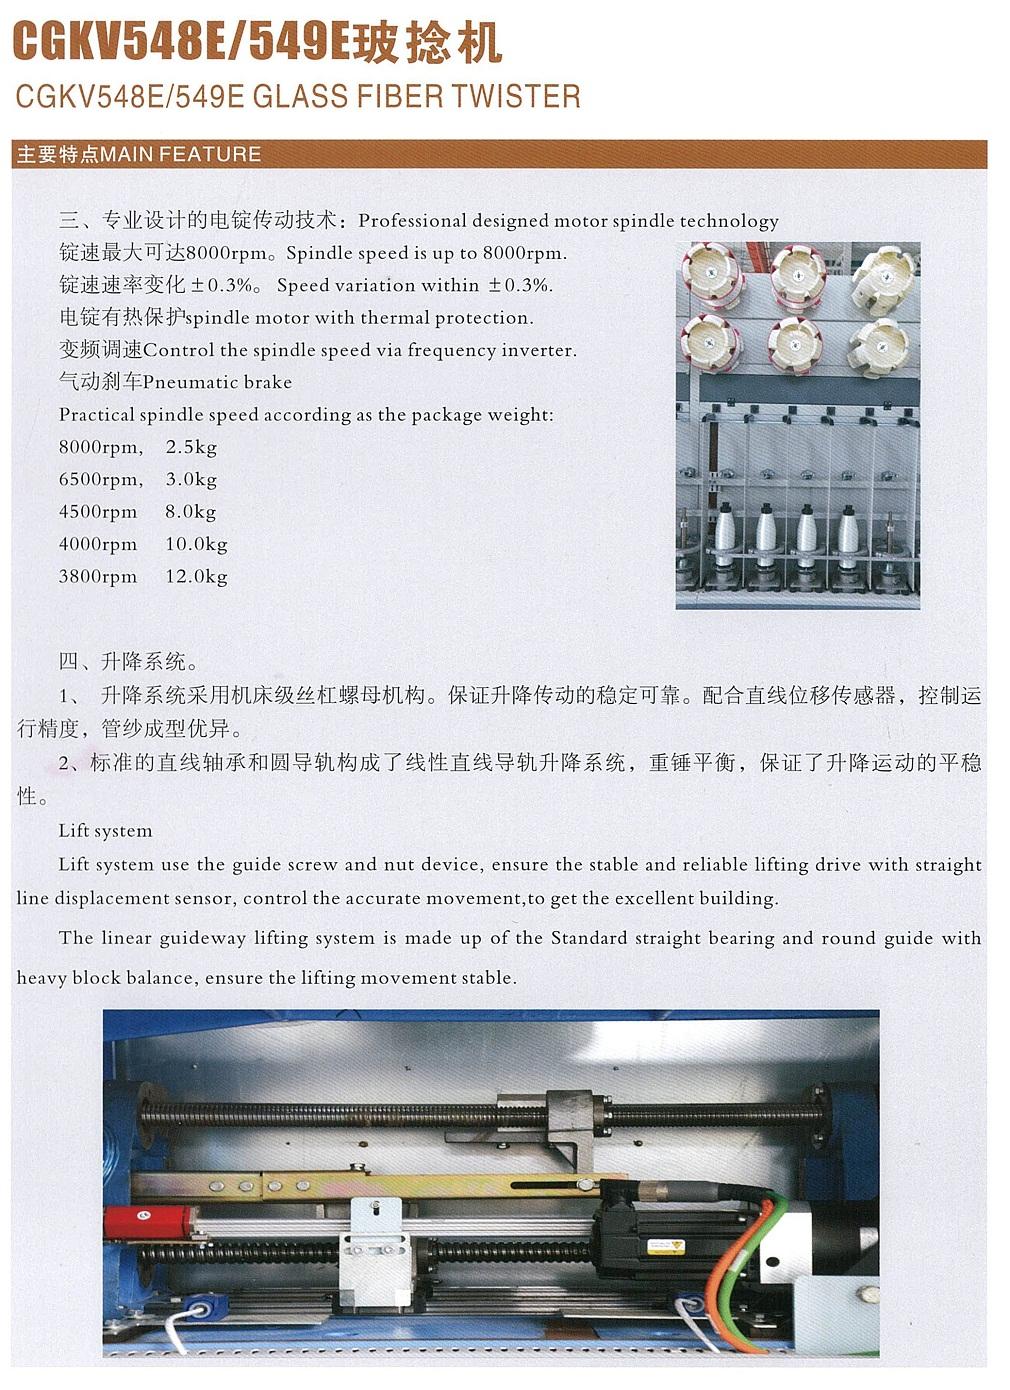 CGKV548E-549E产品详情四